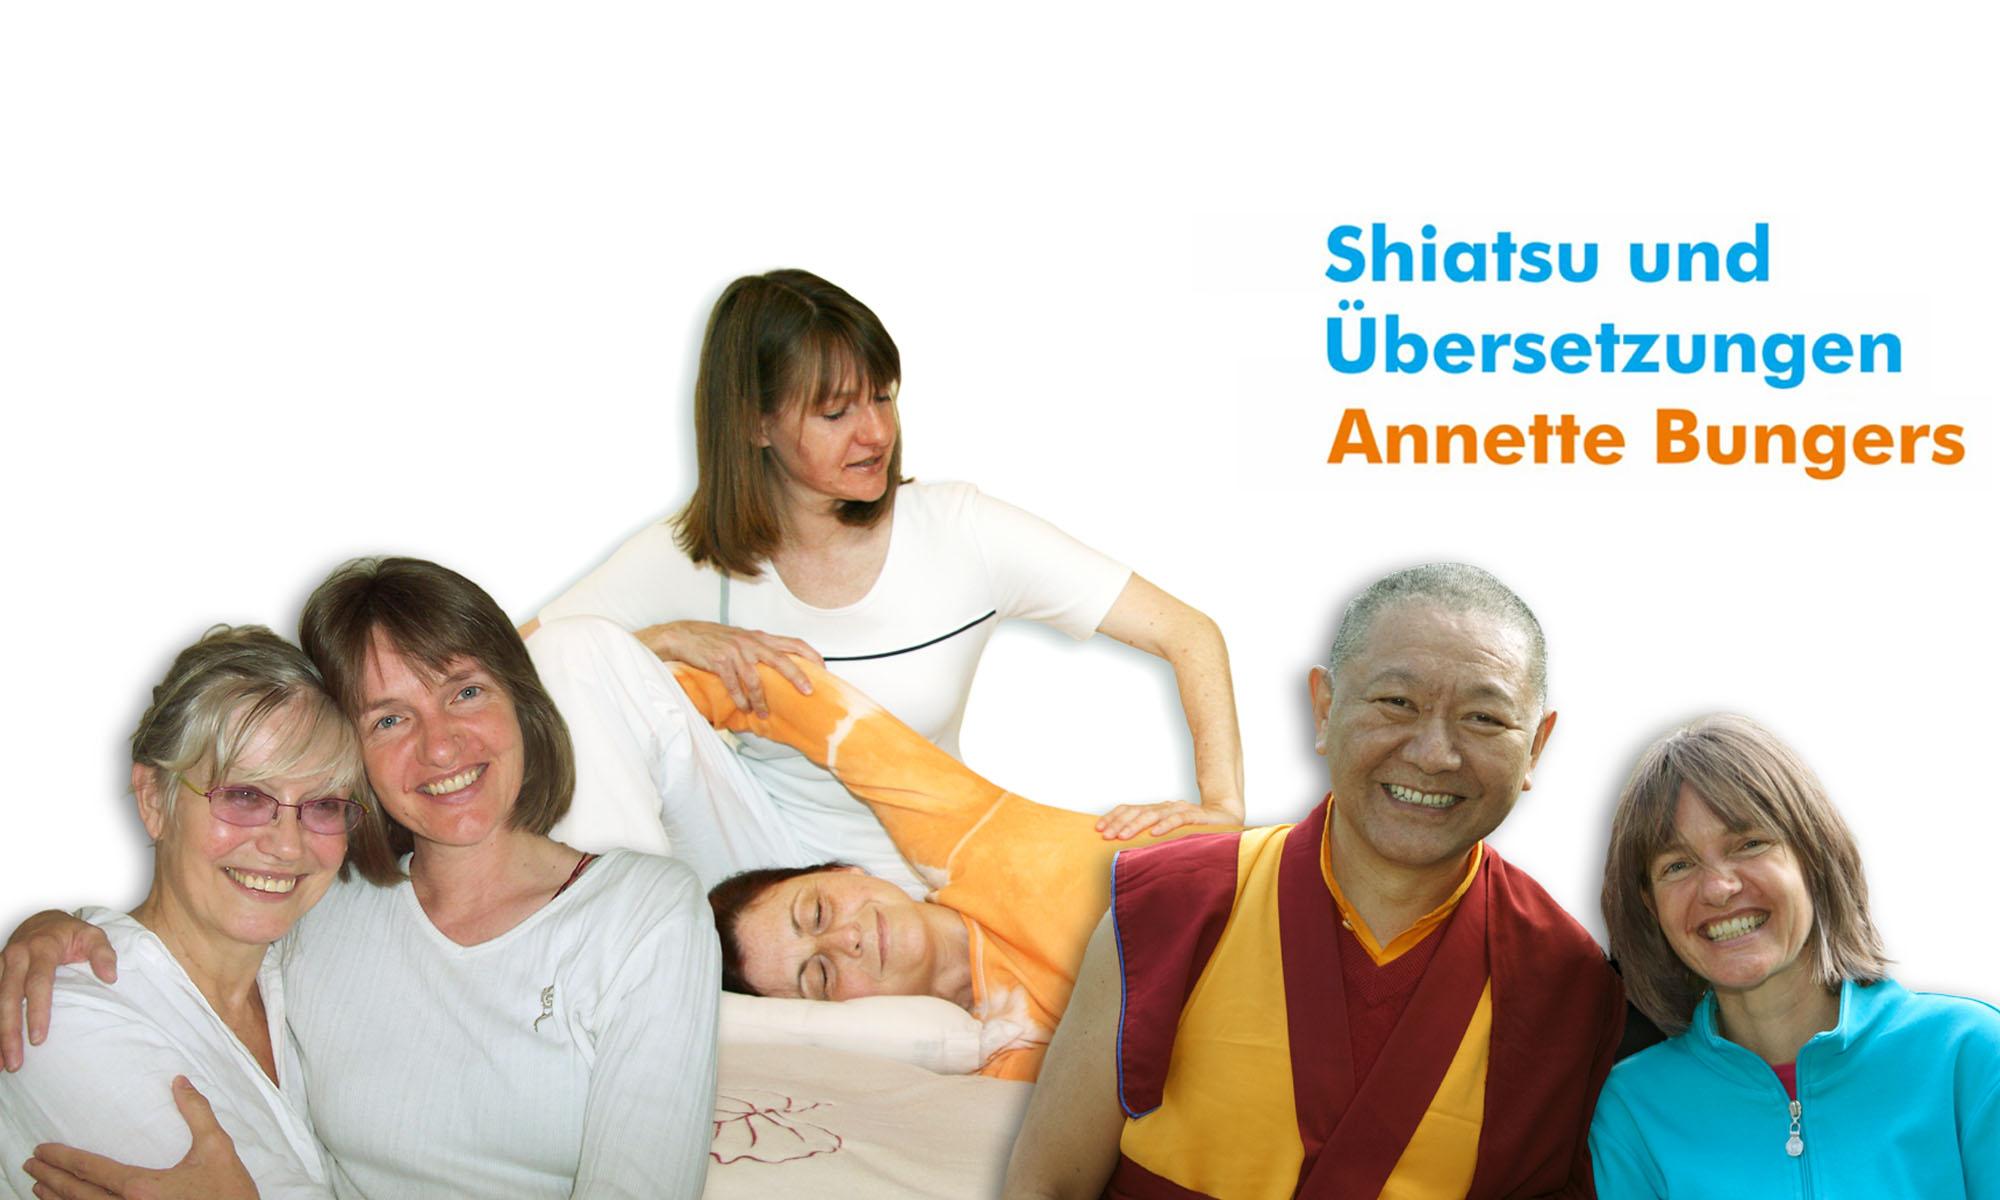 Shiatsu und Übersetzungen